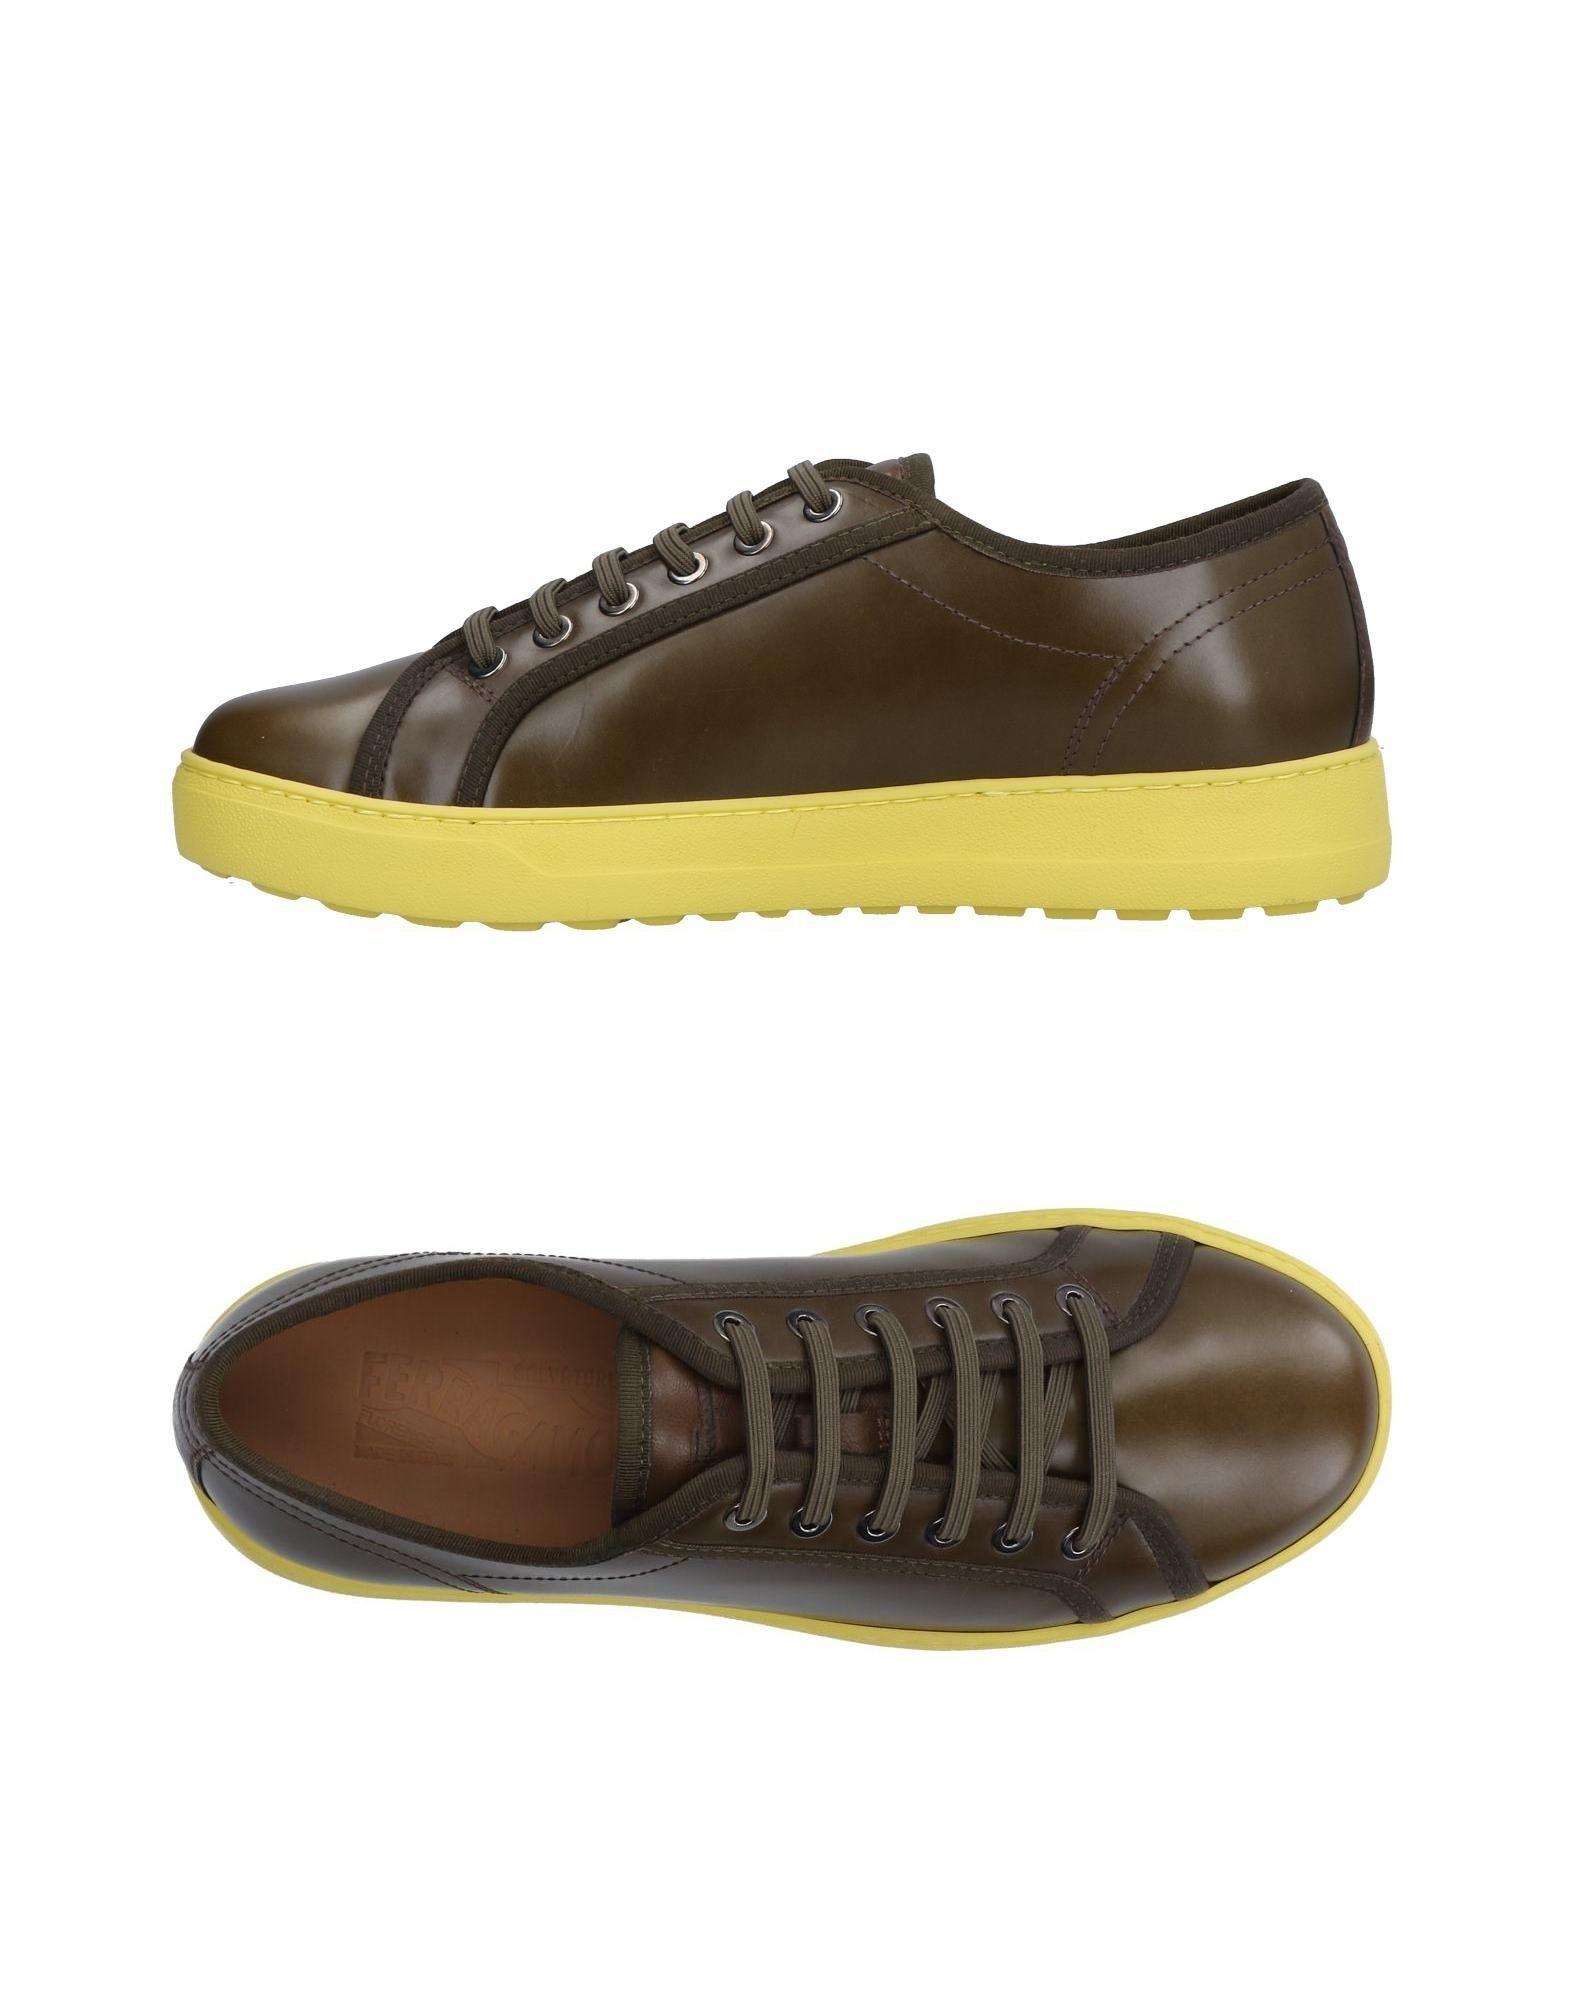 Salvatore Ferragamo Ferragamo Salvatore Sneakers Herren  11515632WP 769883